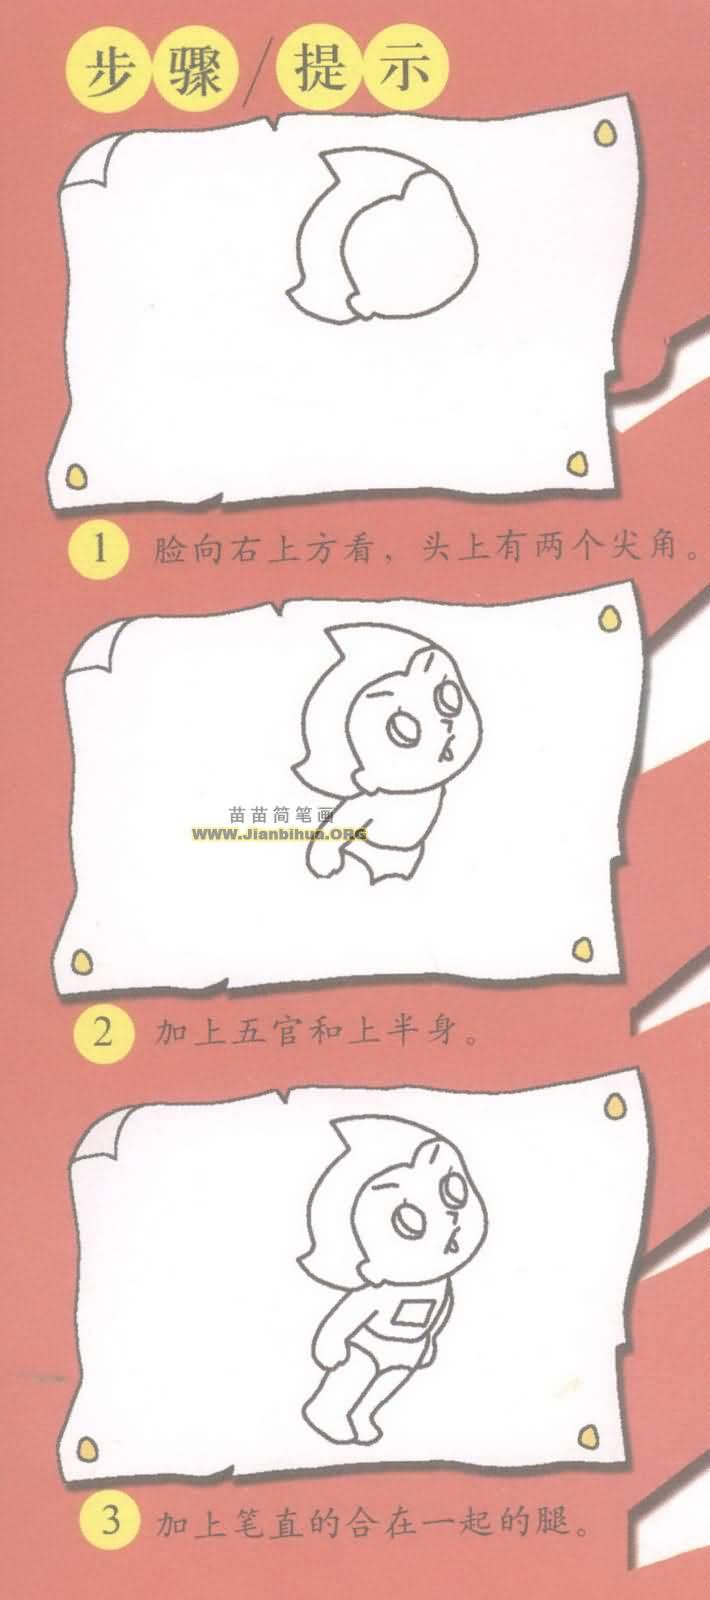 阿童木简笔画图片教程